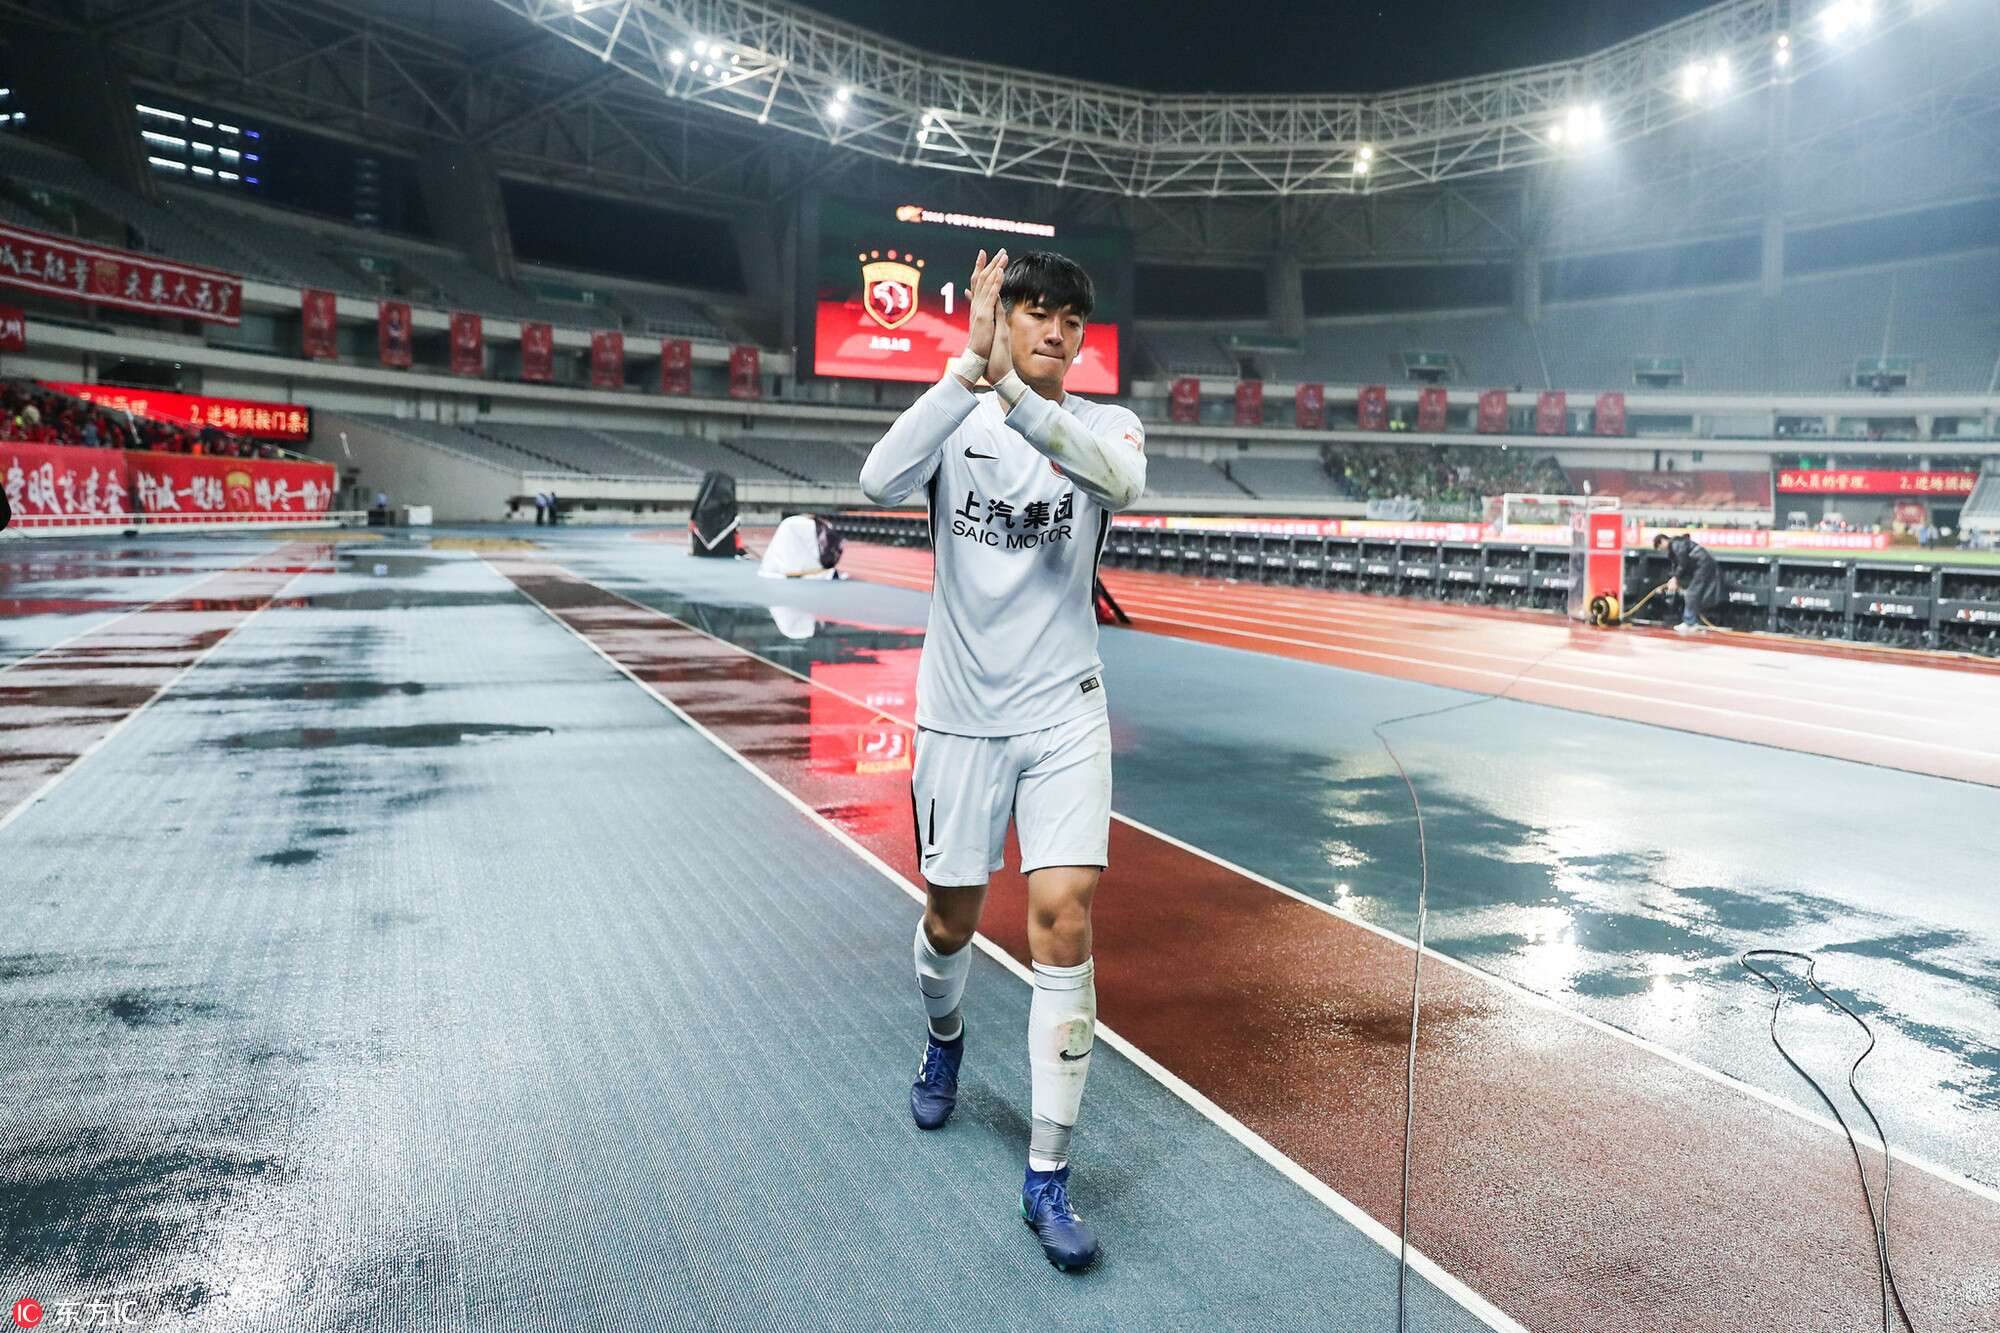 颜骏凌:两外援接连受伤带来困难,球队处于疲劳期